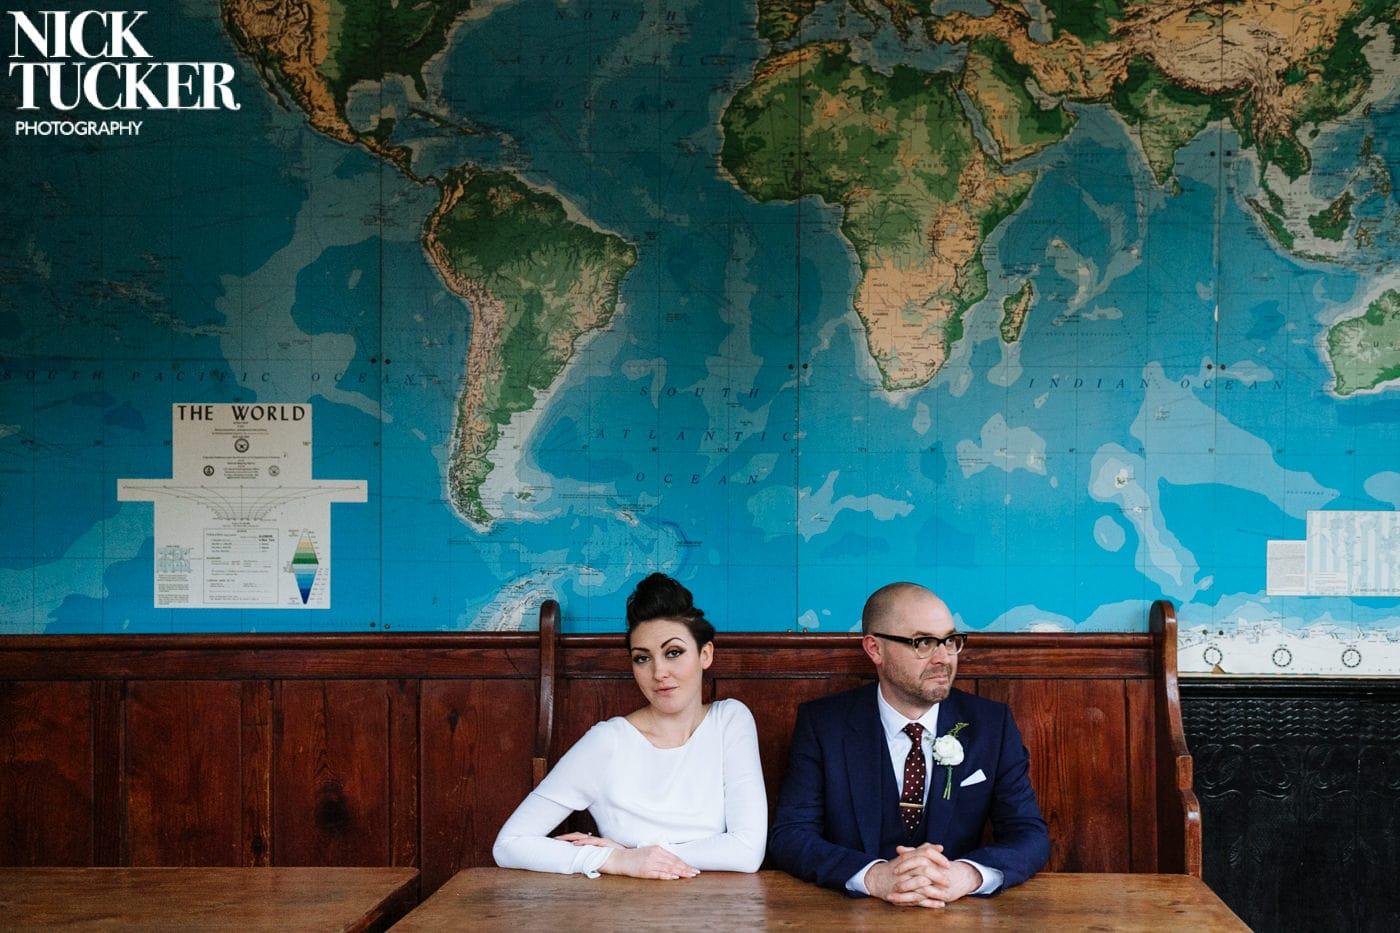 characterful wedding photography